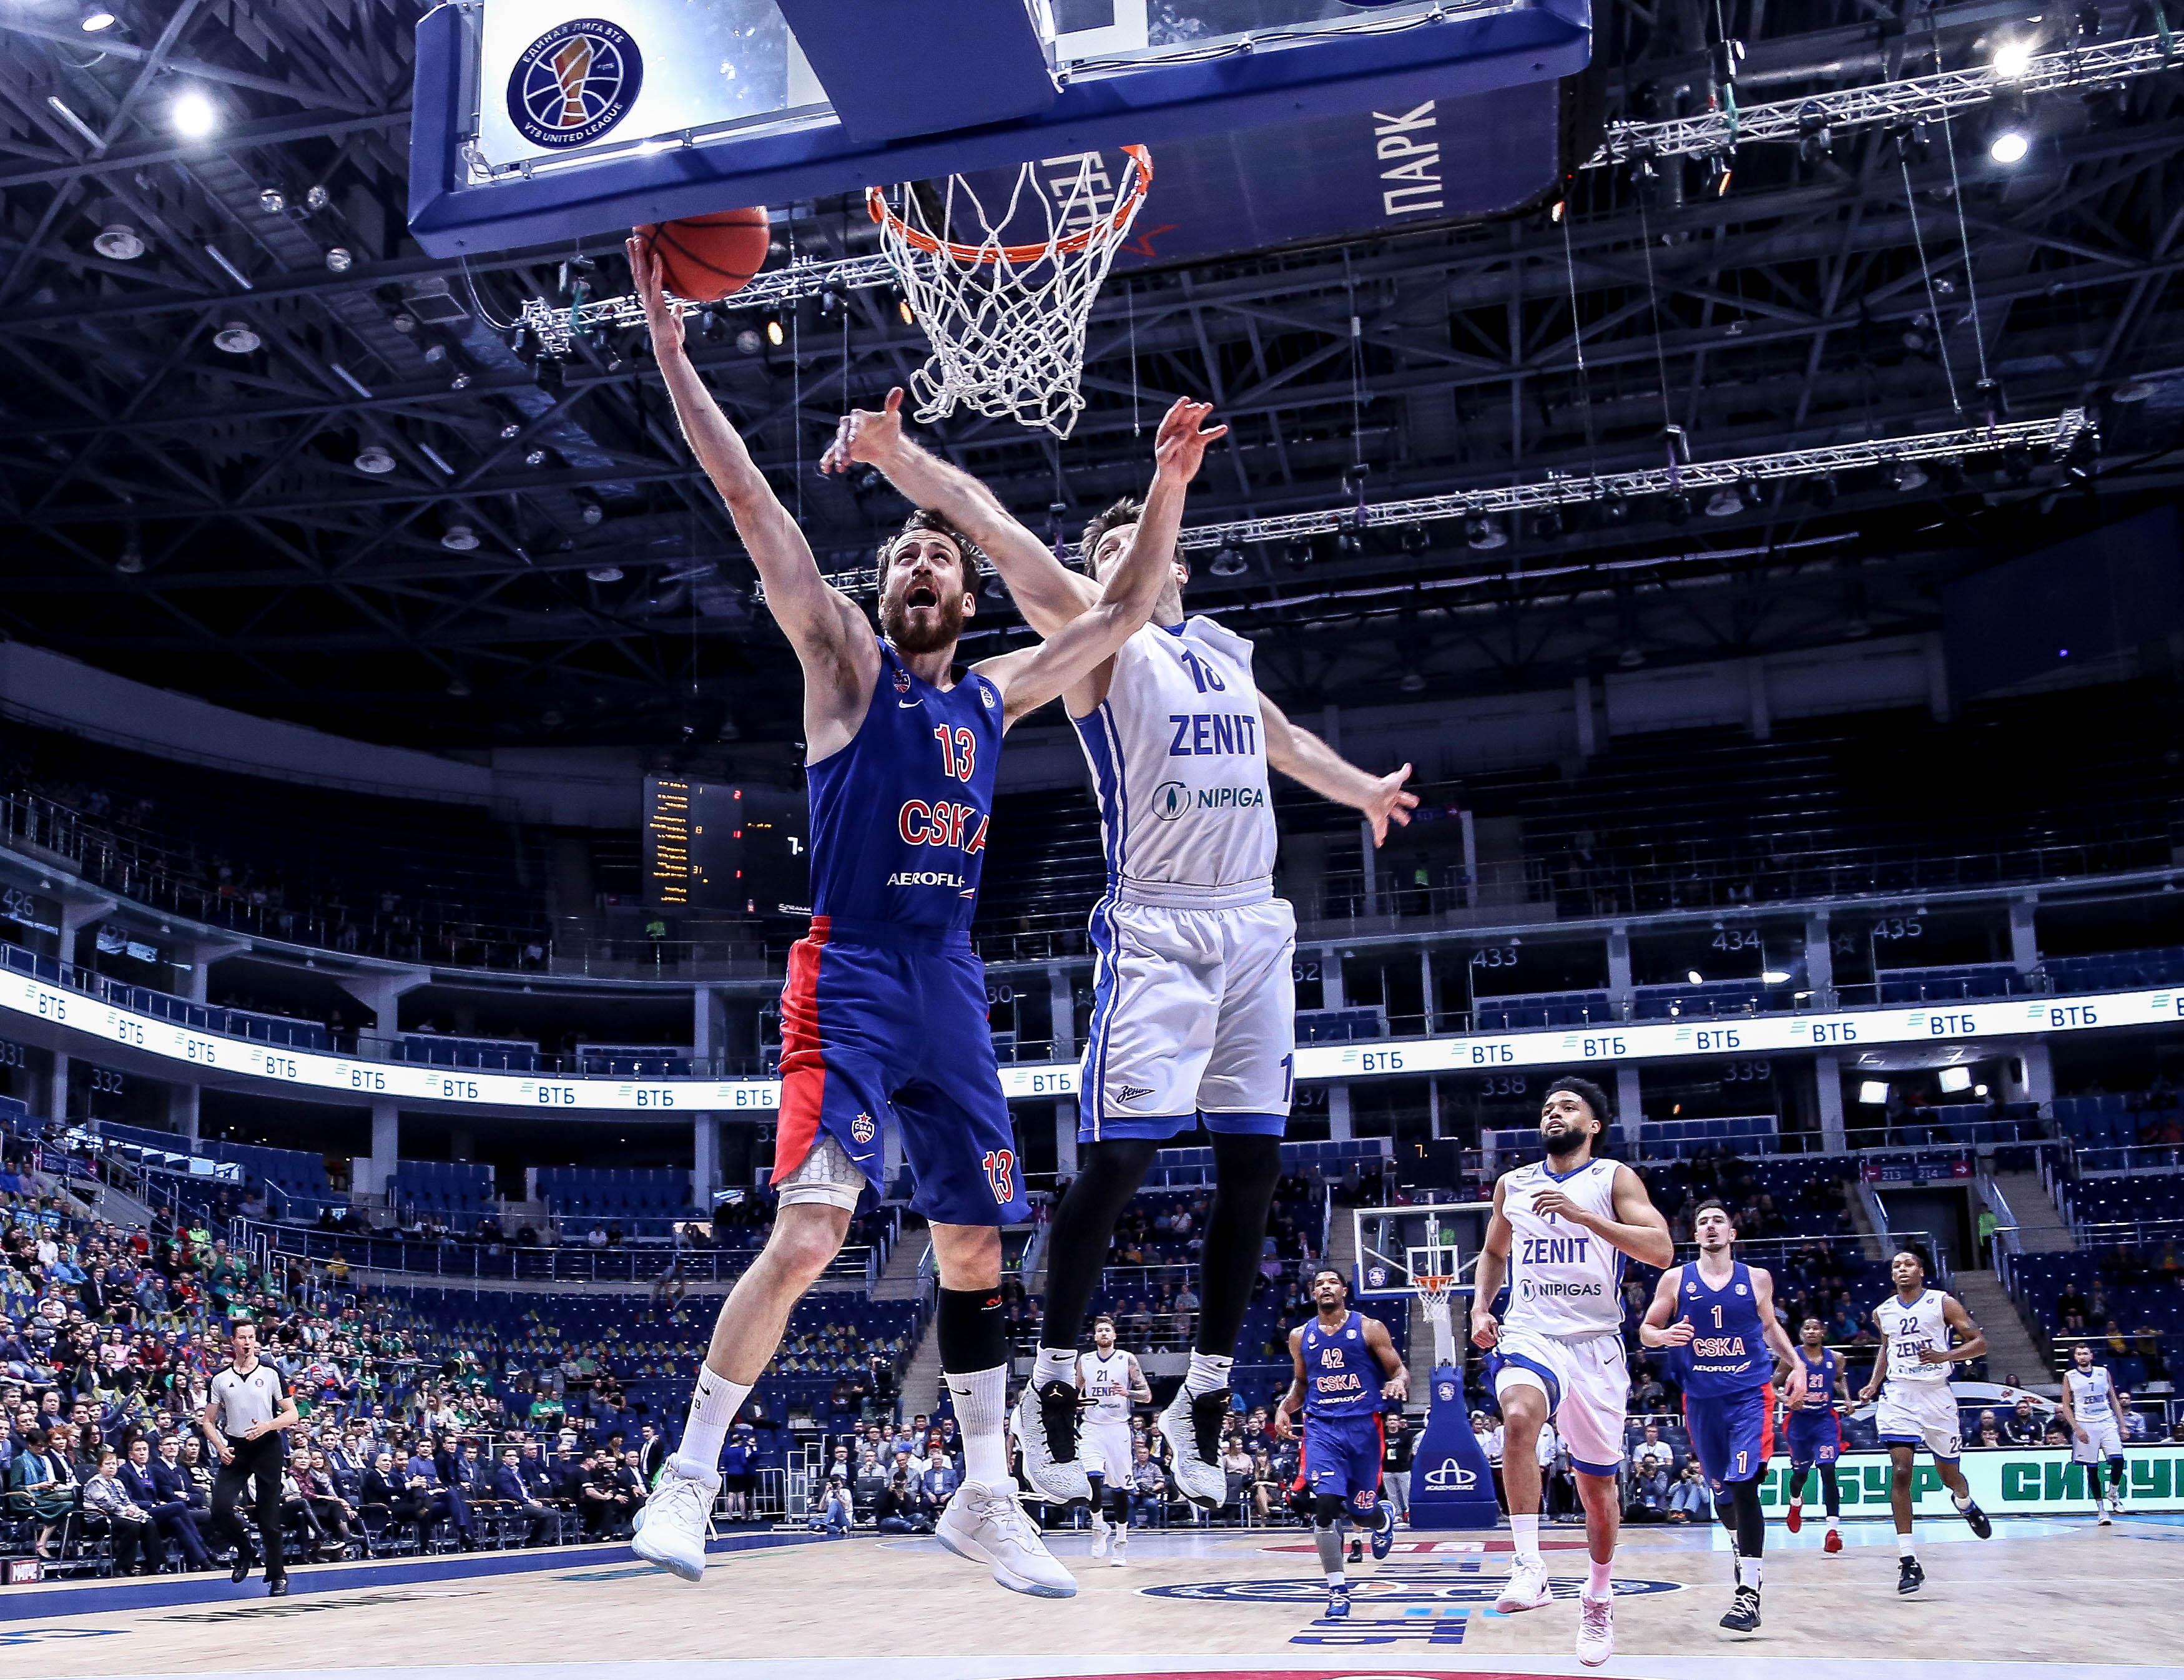 ЦСКА — первый финалист